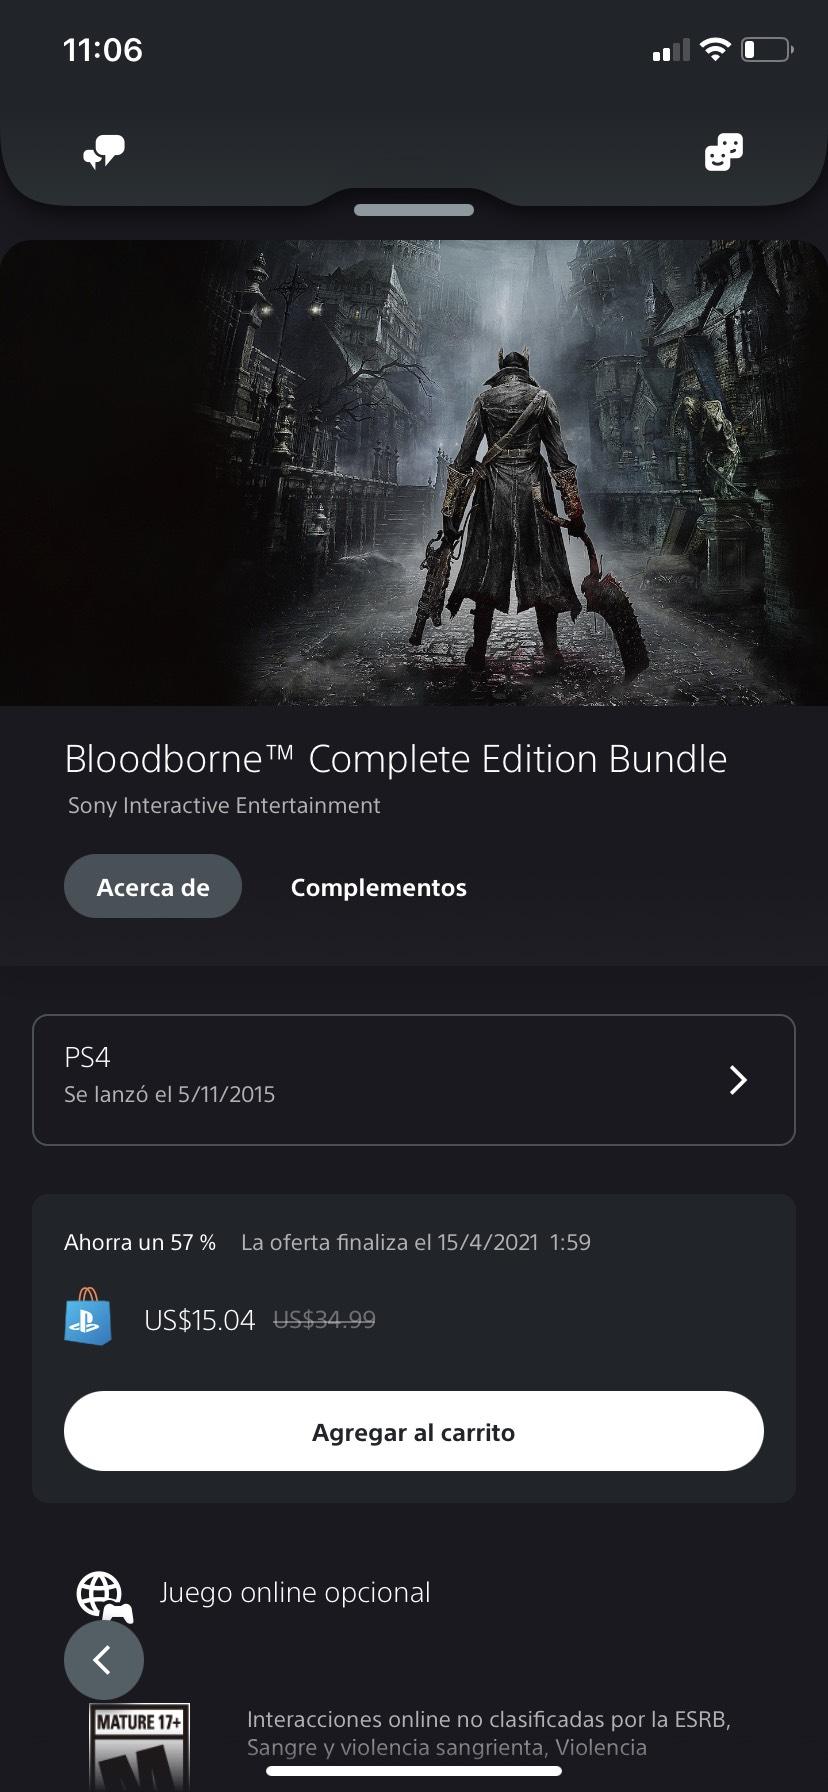 PSN: Bloodborne Complete Edition Bundle